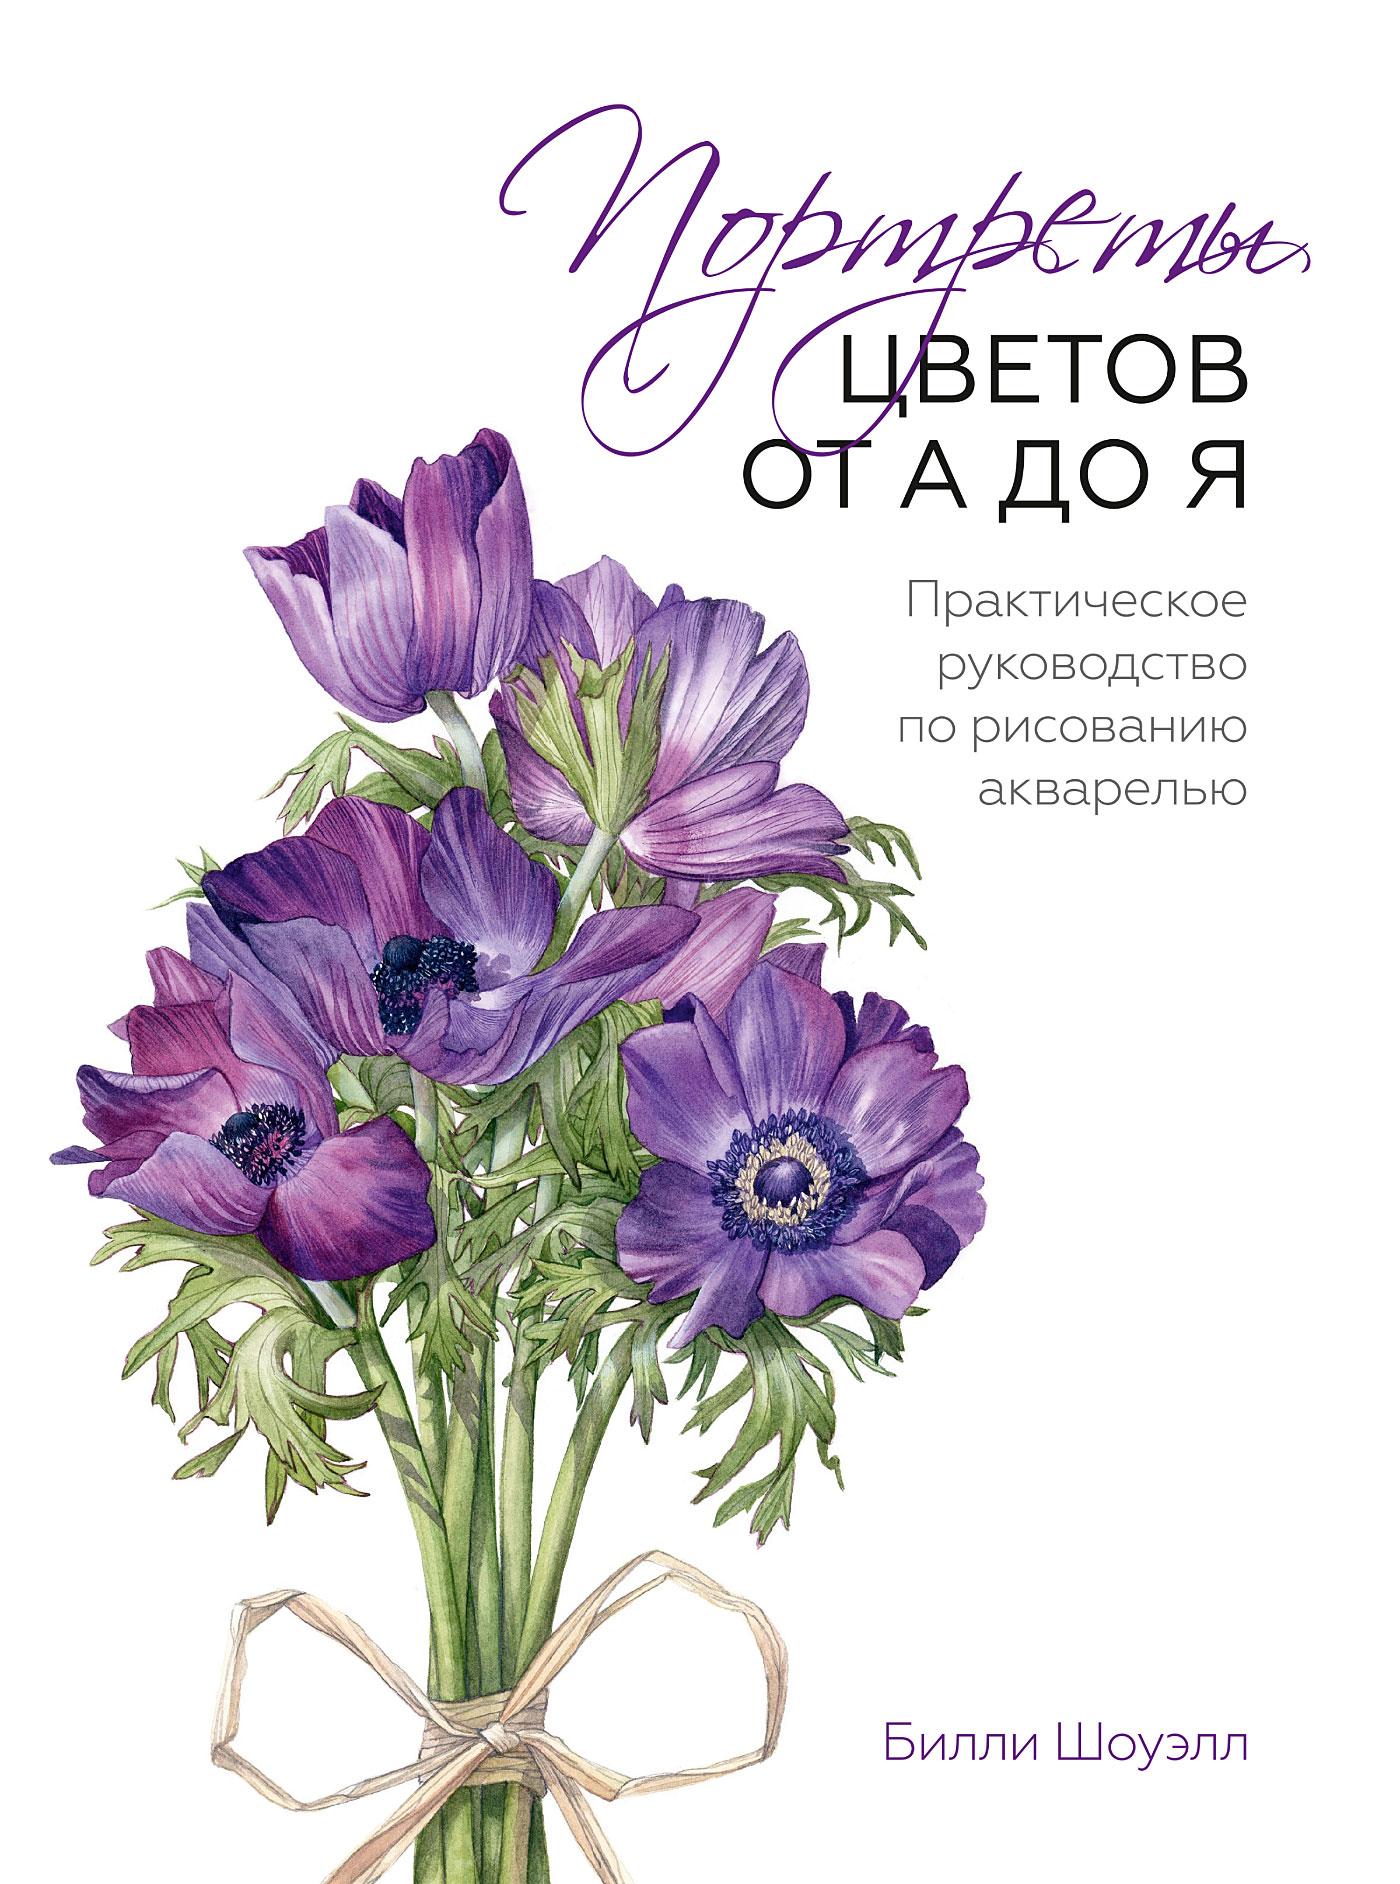 Билли Шоуэлл Портреты цветов от А до Я. Практическое руководство по рисованию акварелью